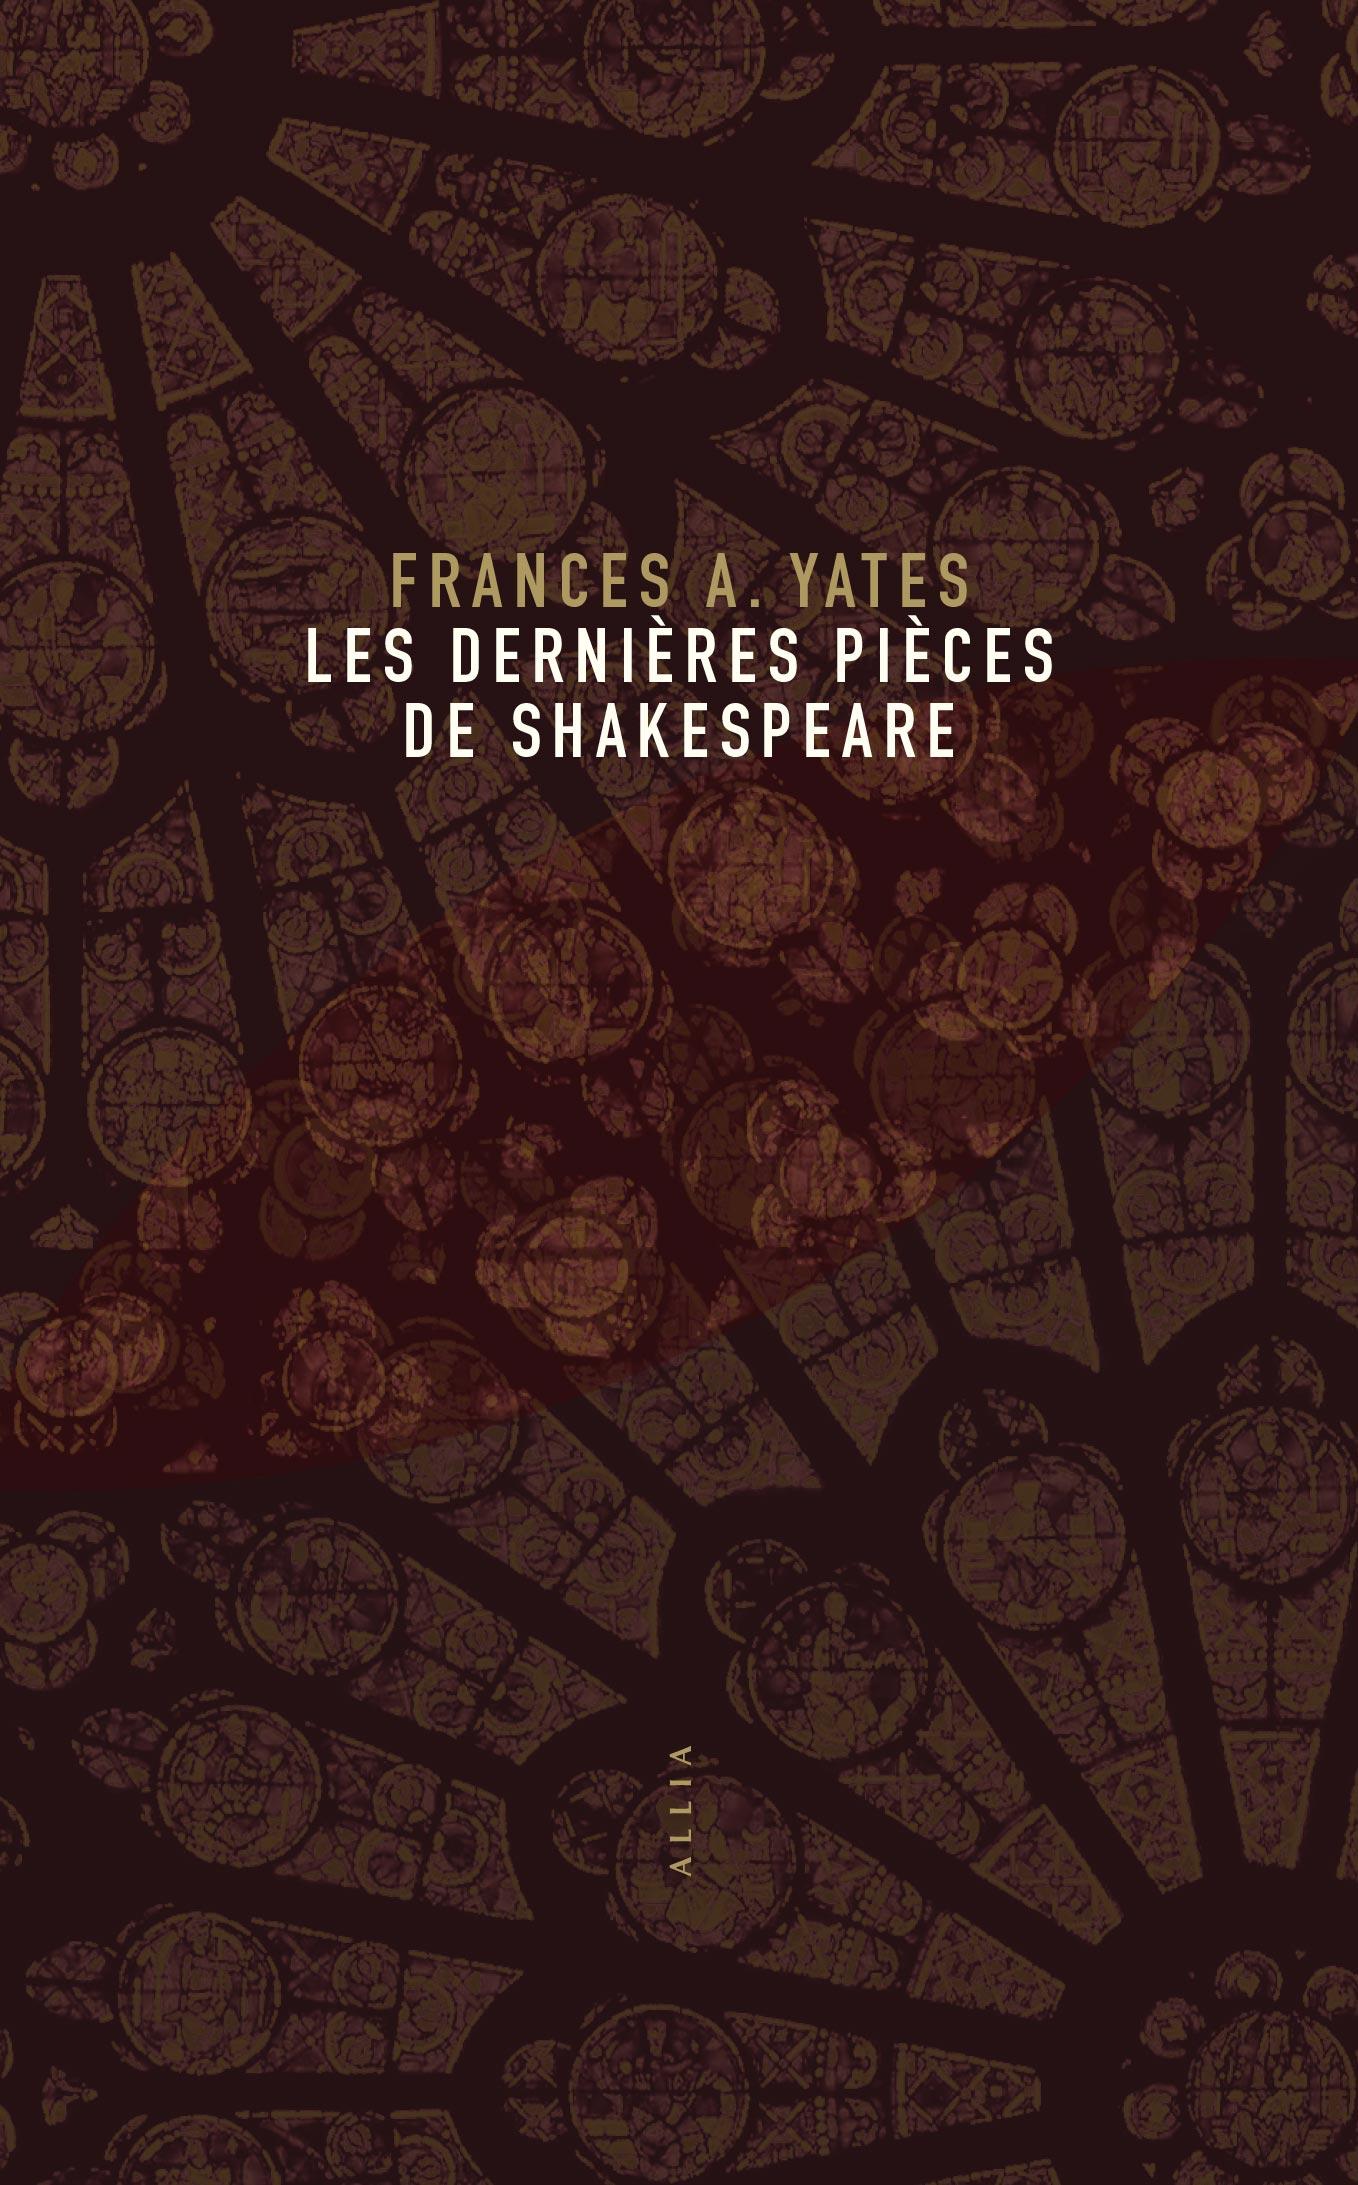 F.-A. Yates, Les dernières pièces de Shakespeare